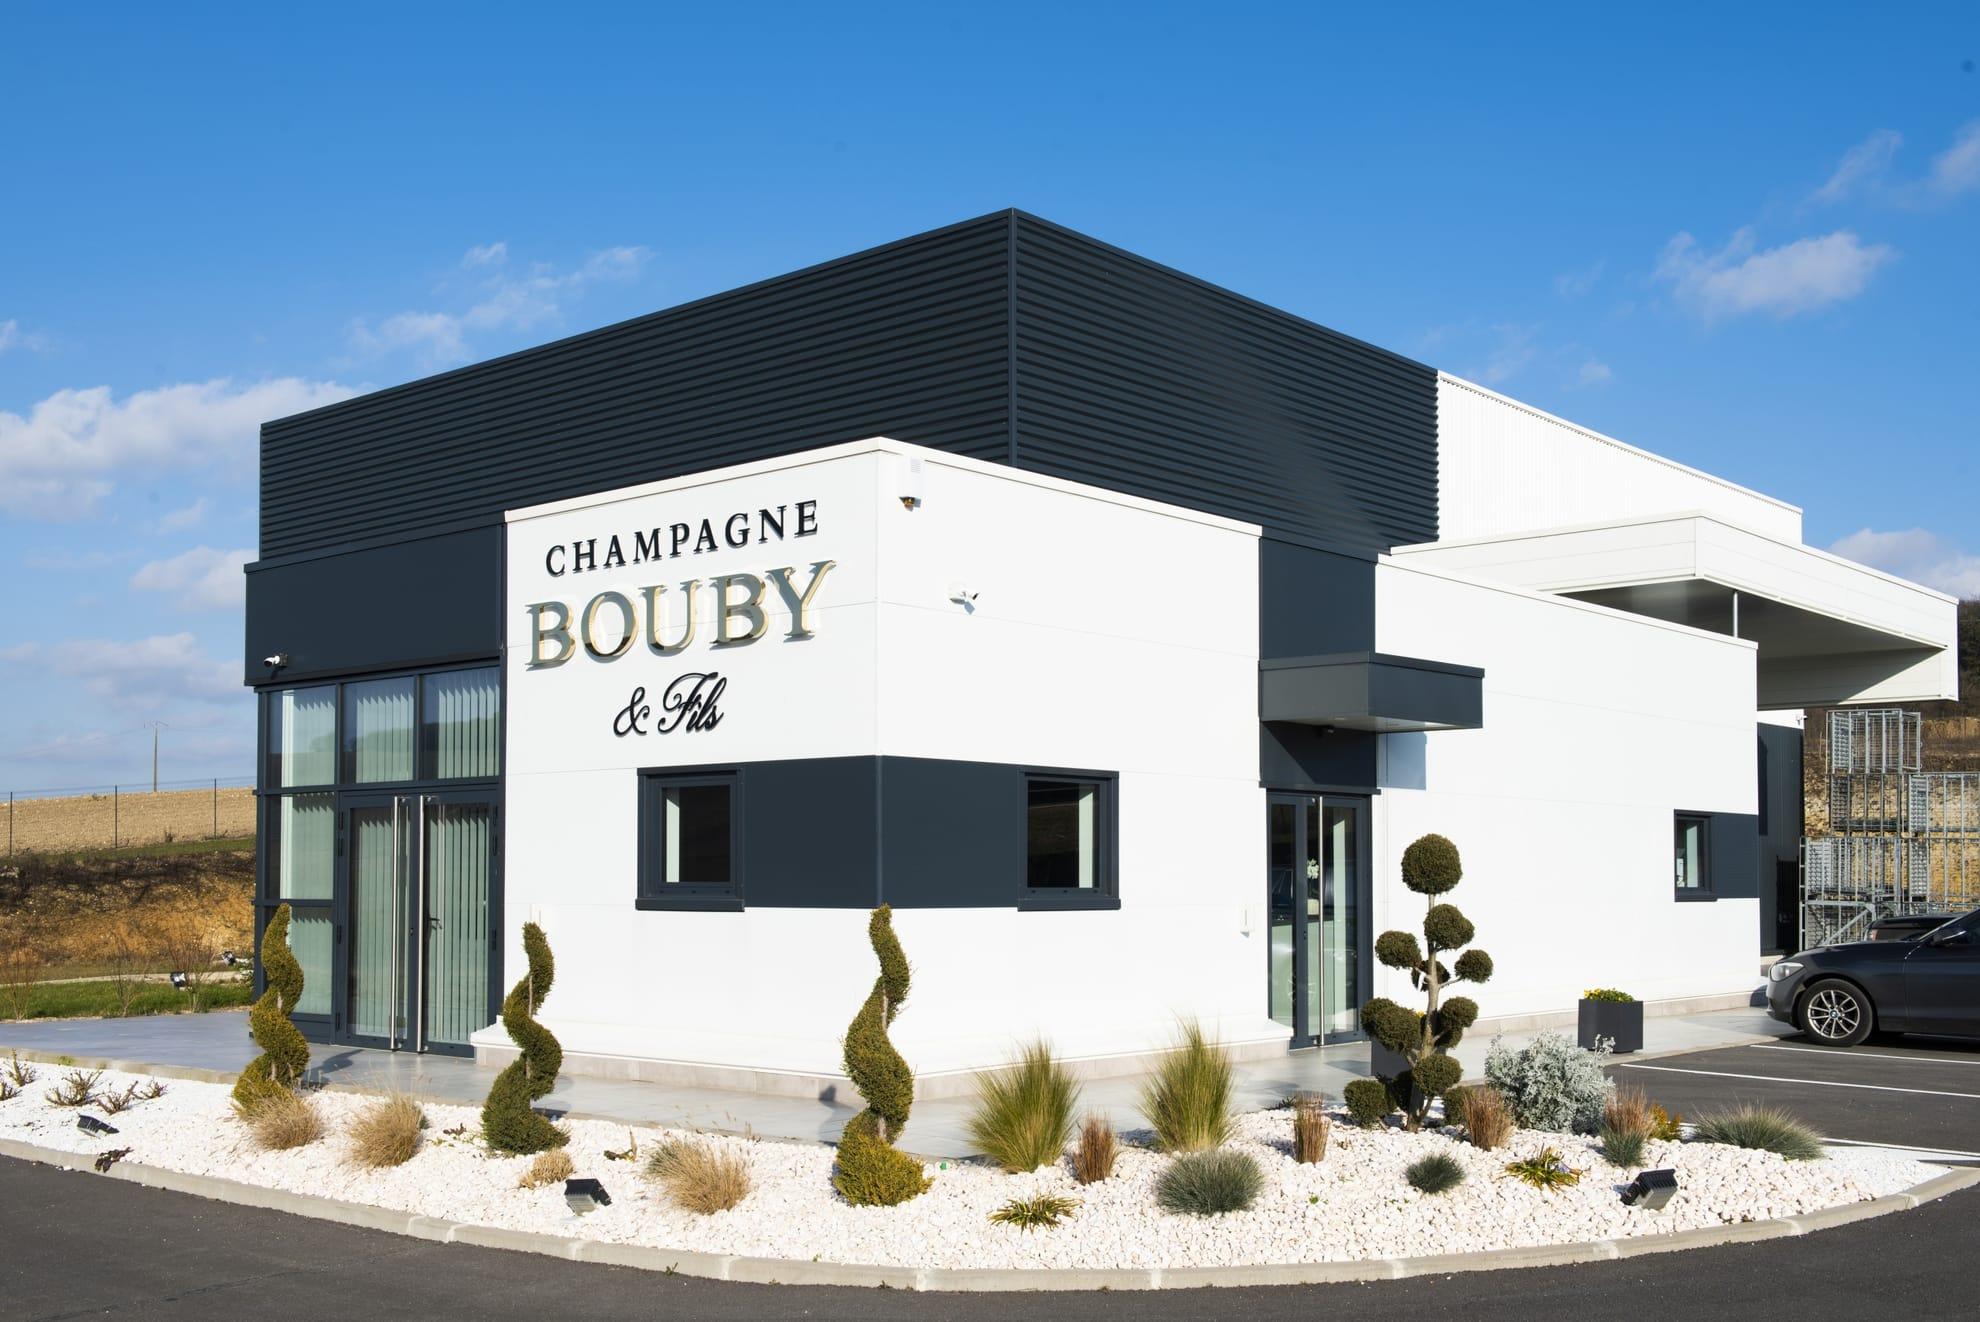 Bouby & Fils